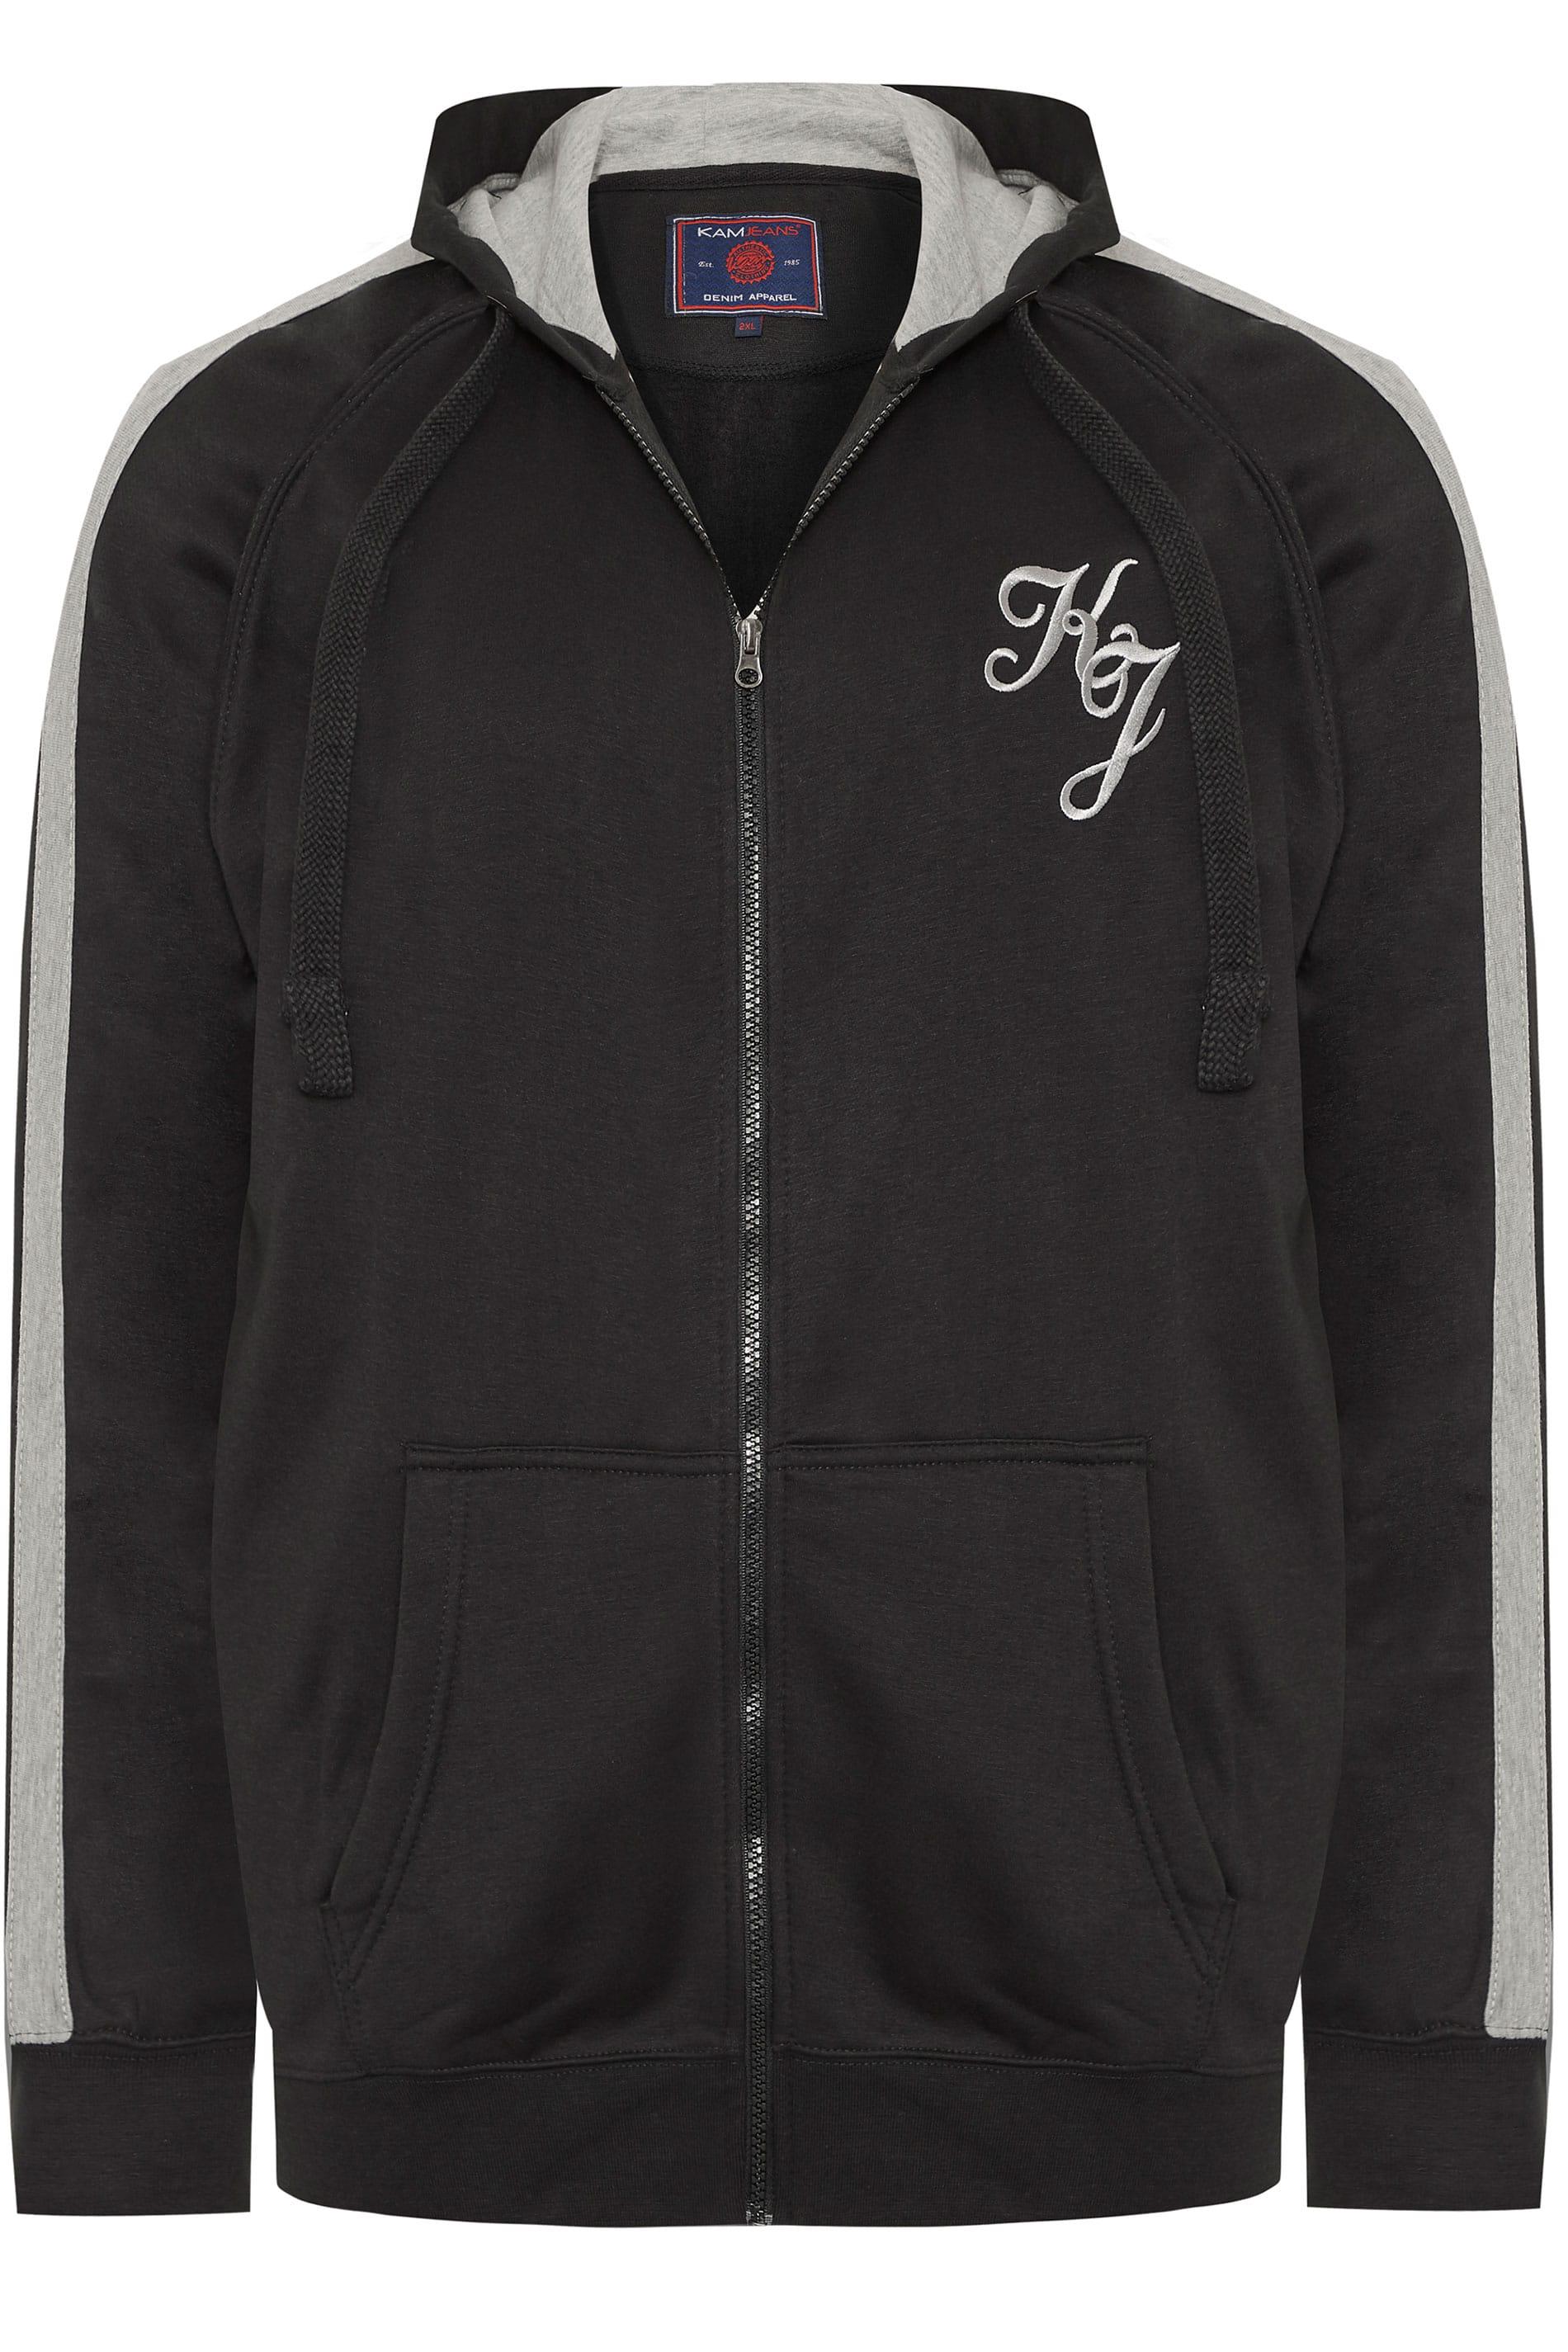 KAM Black & Grey Zip Through Hoodie